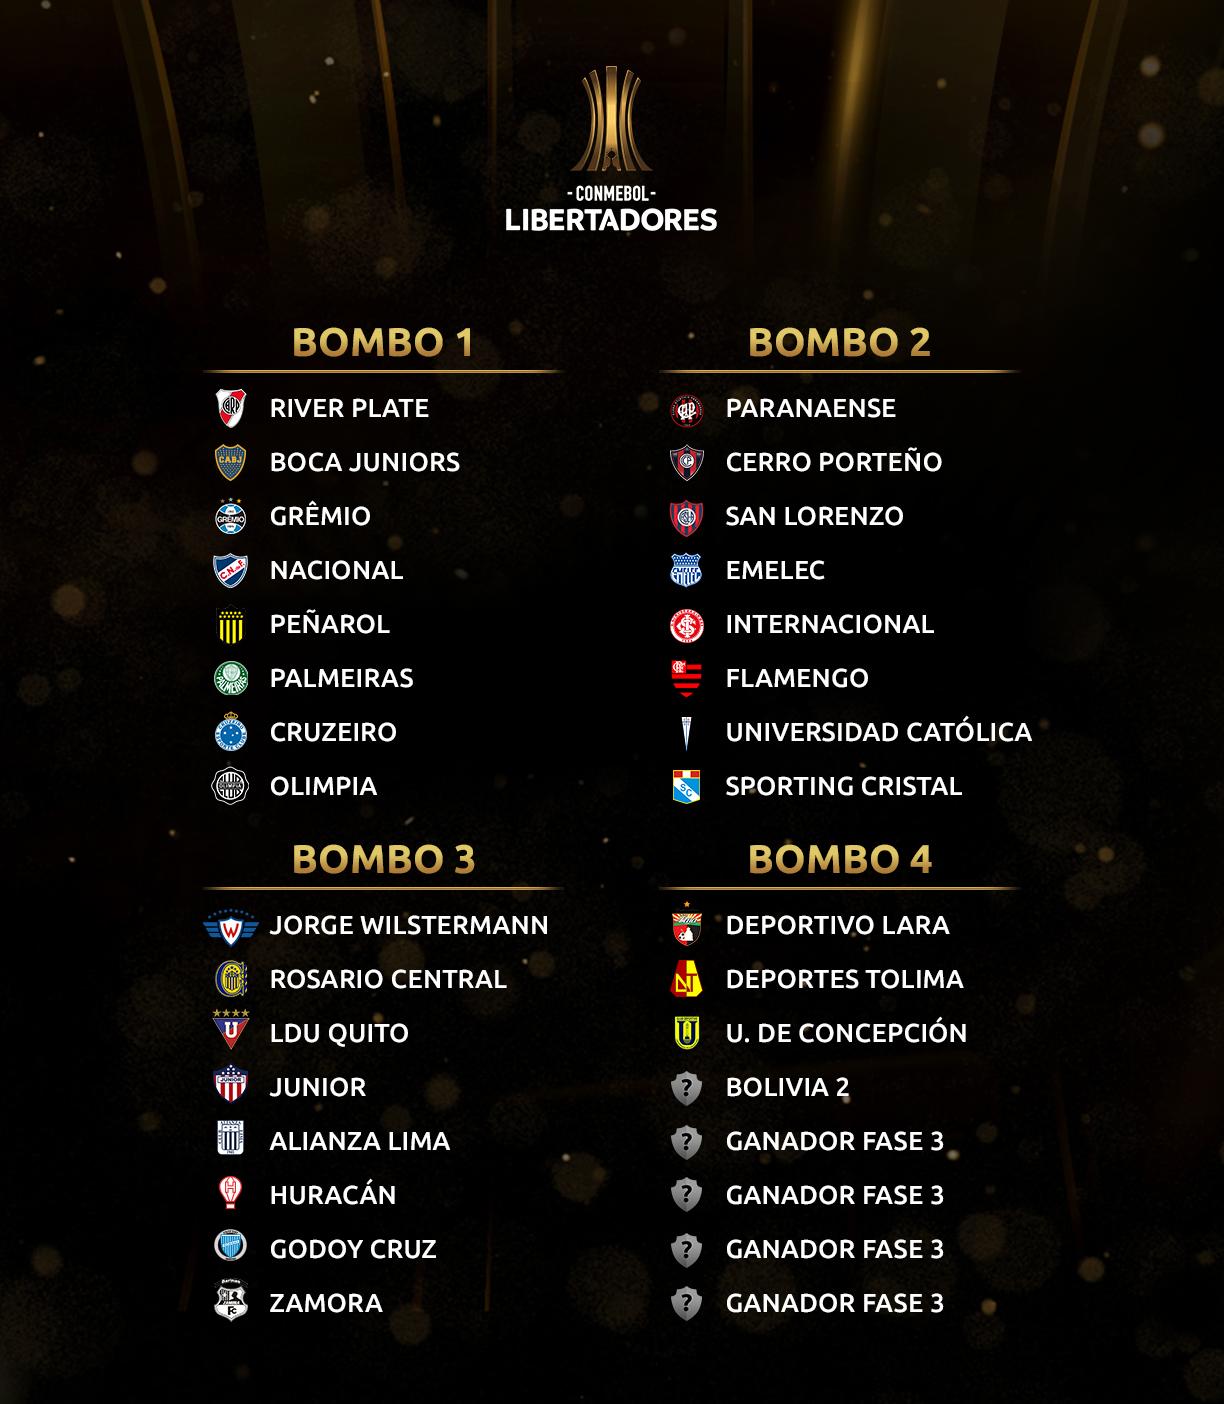 Bombos fase de grupos Libertadores 2019